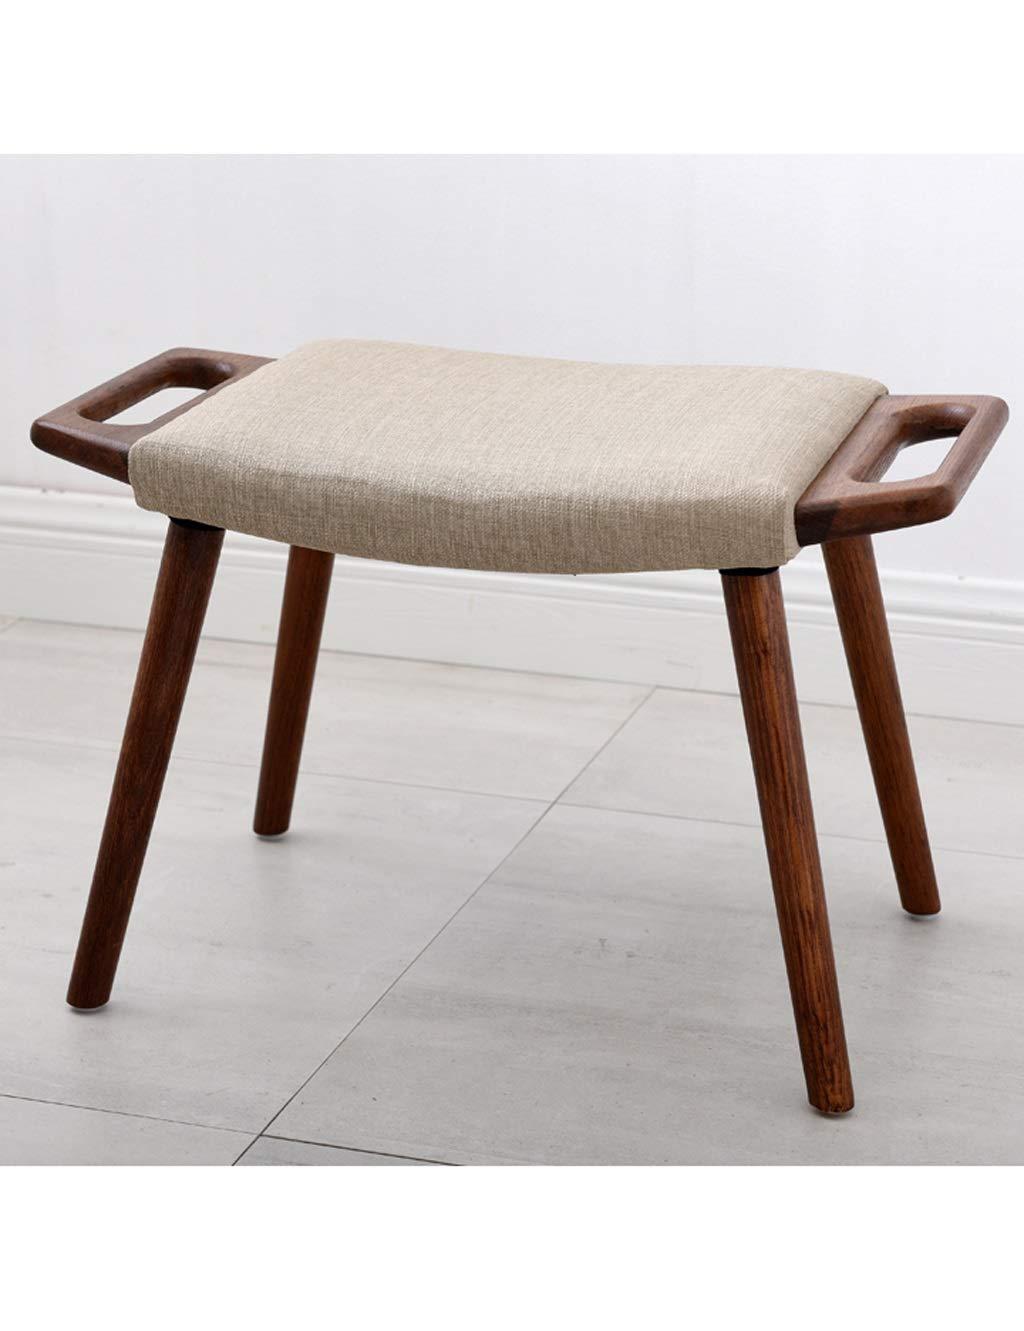 Amazon com esperanzaxu household ottoman low stool sofa bench bedroom living room hallway door footstool gray 60cmx36cmx40cm kitchen dining